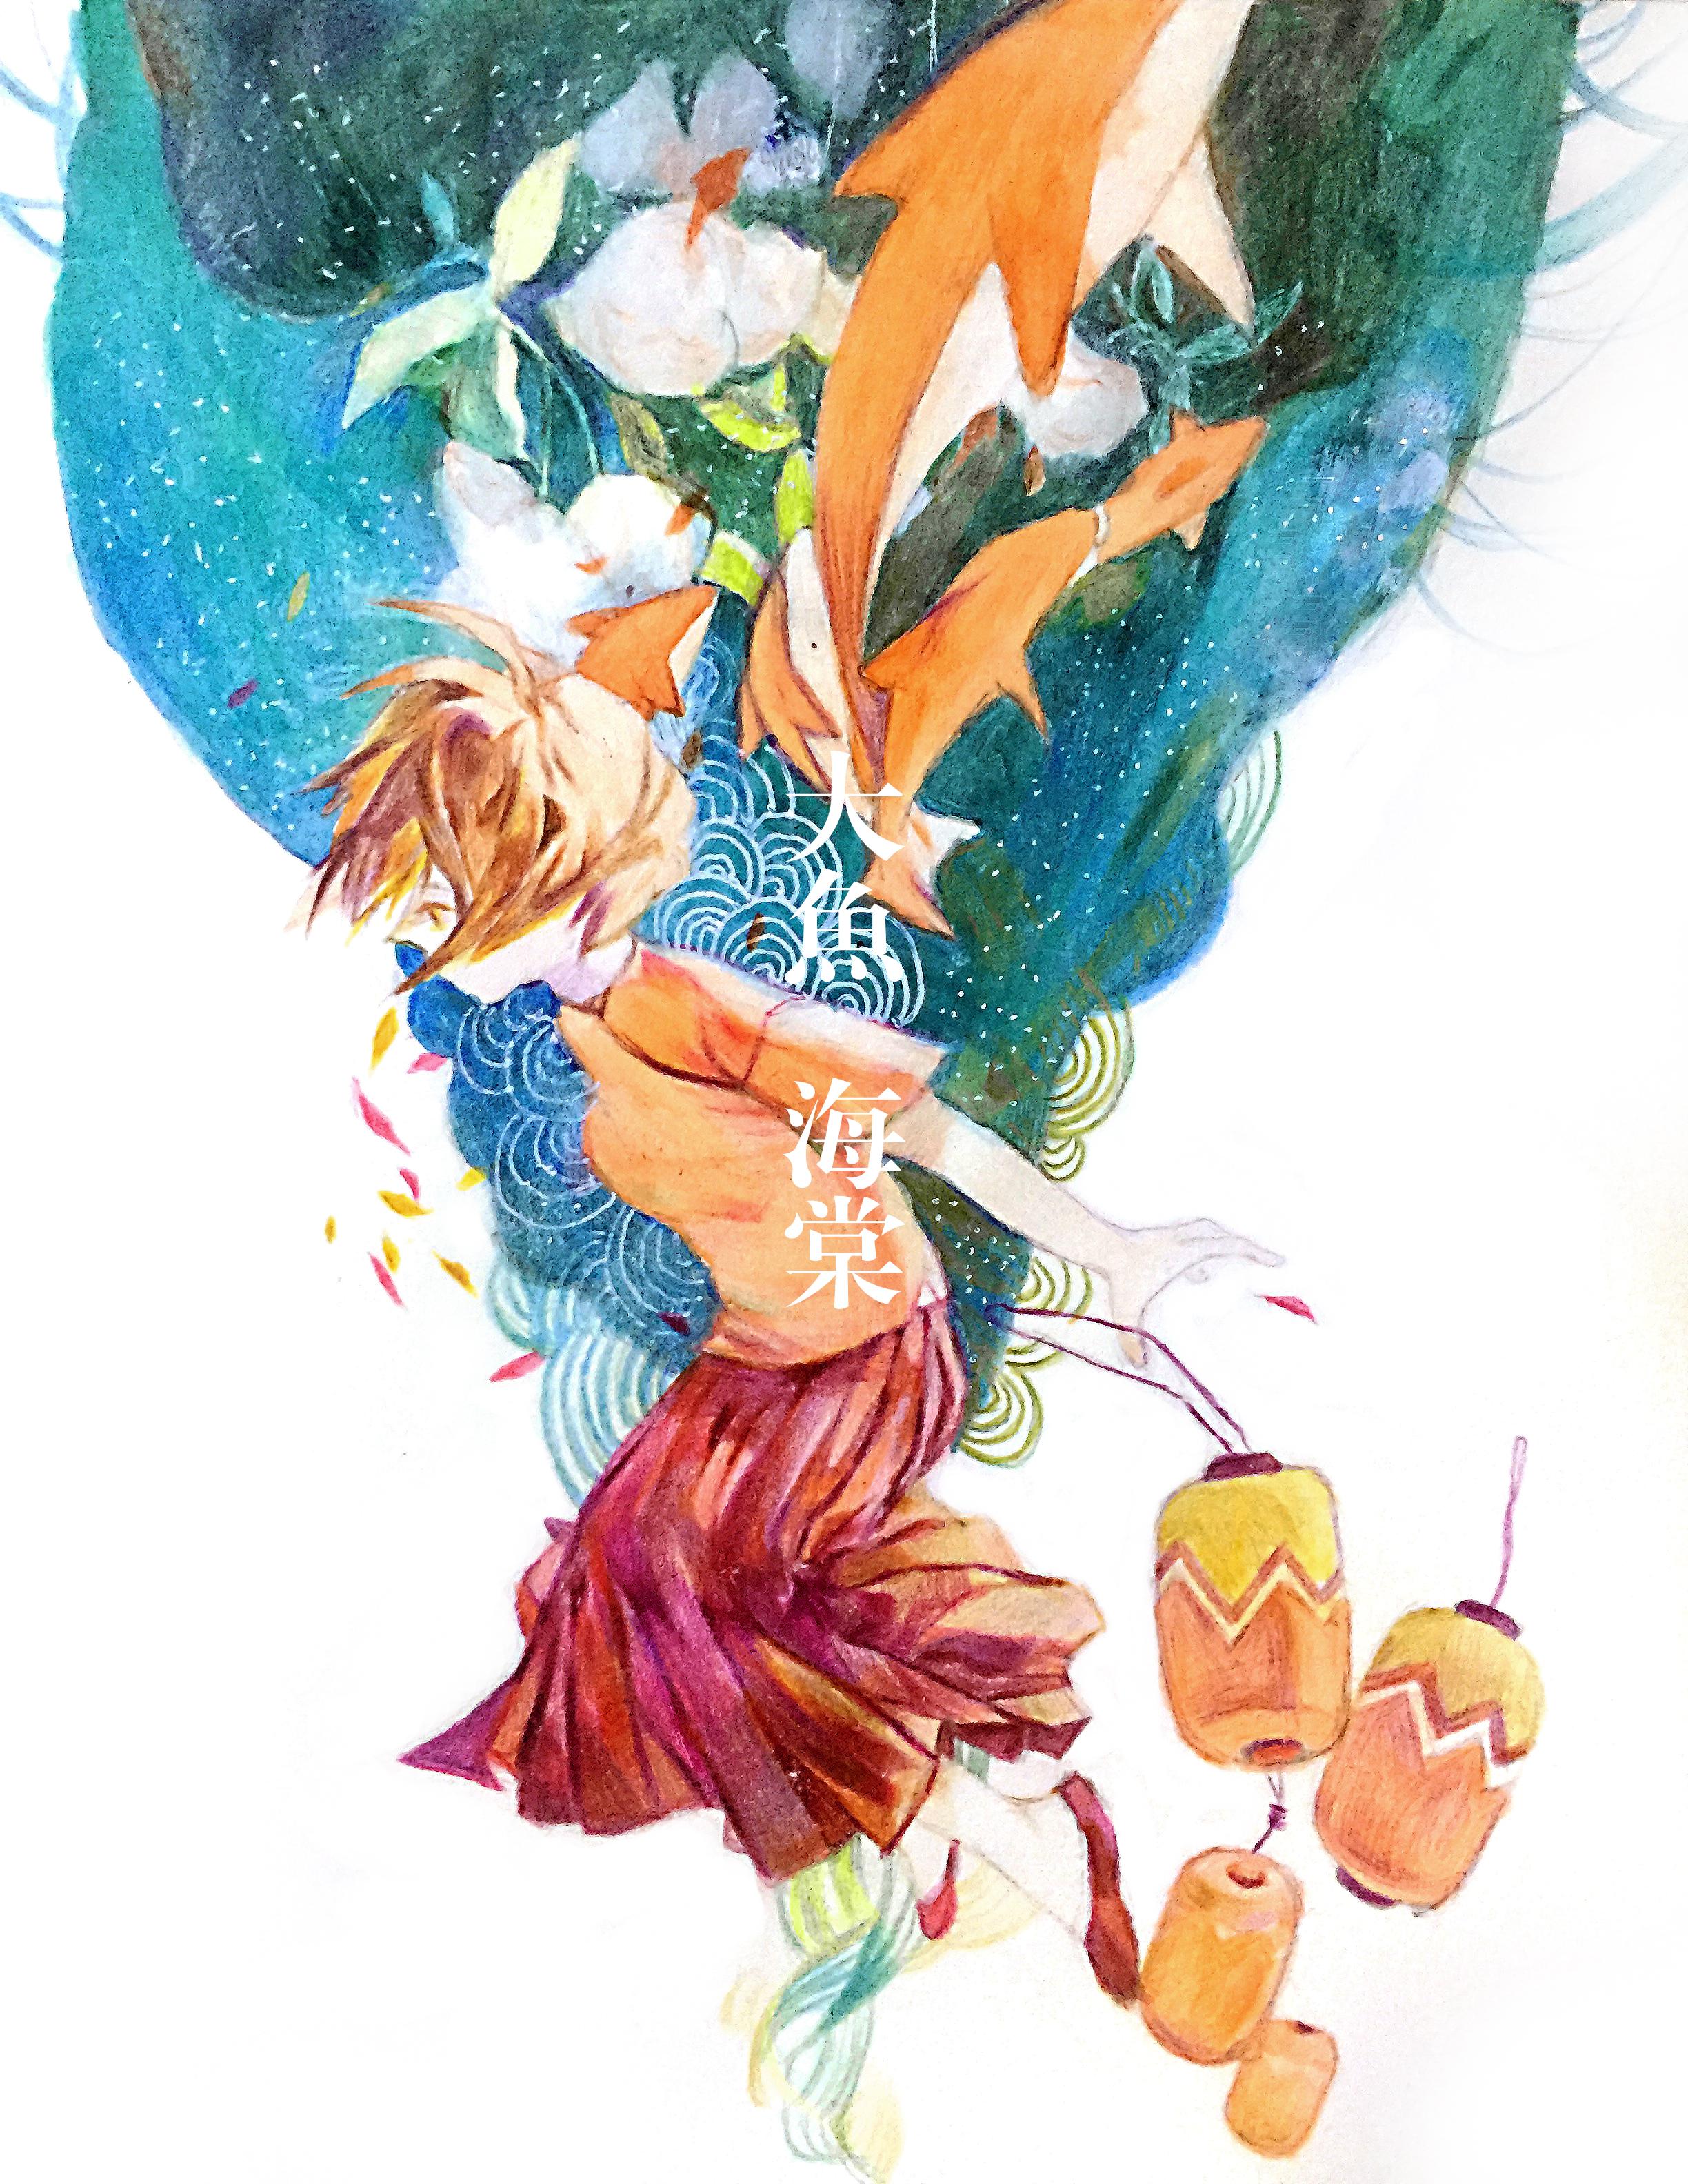 樱花图片手绘动漫